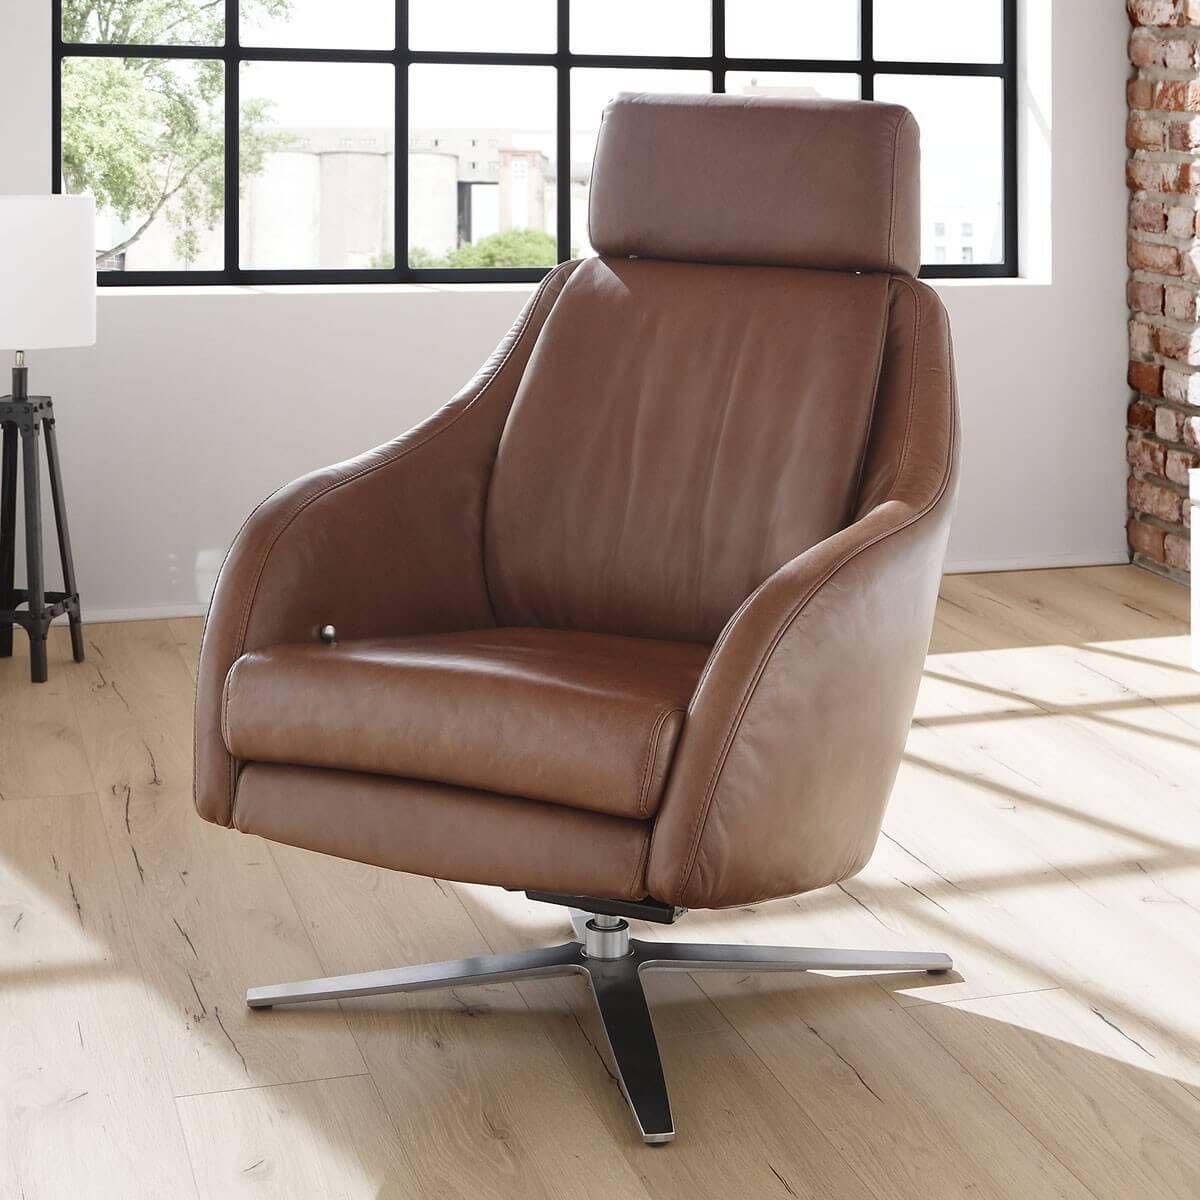 relaxsessel ricia in echtleder braun polstergarnituren sofas sessel pinterest. Black Bedroom Furniture Sets. Home Design Ideas